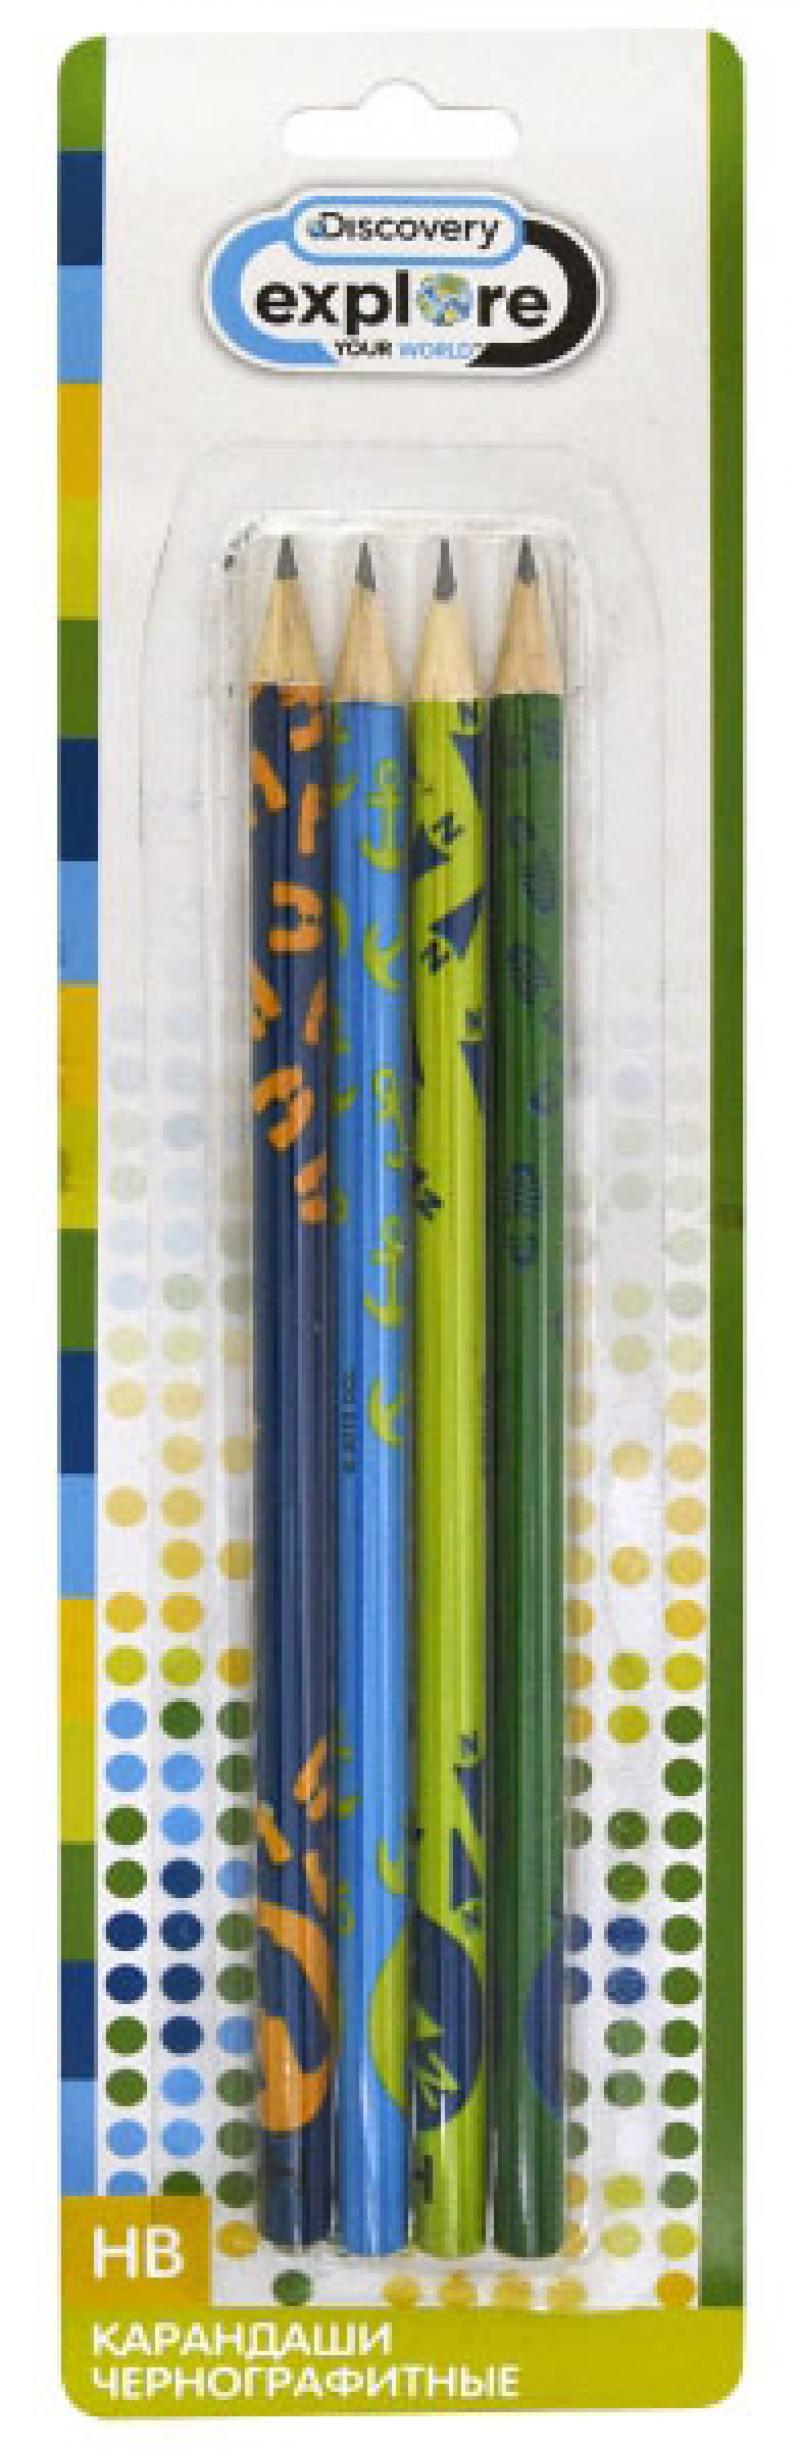 Набор графитовых карандашей Action! Discovery 4 шт DV-ALP185/4 DV-ALP185/4